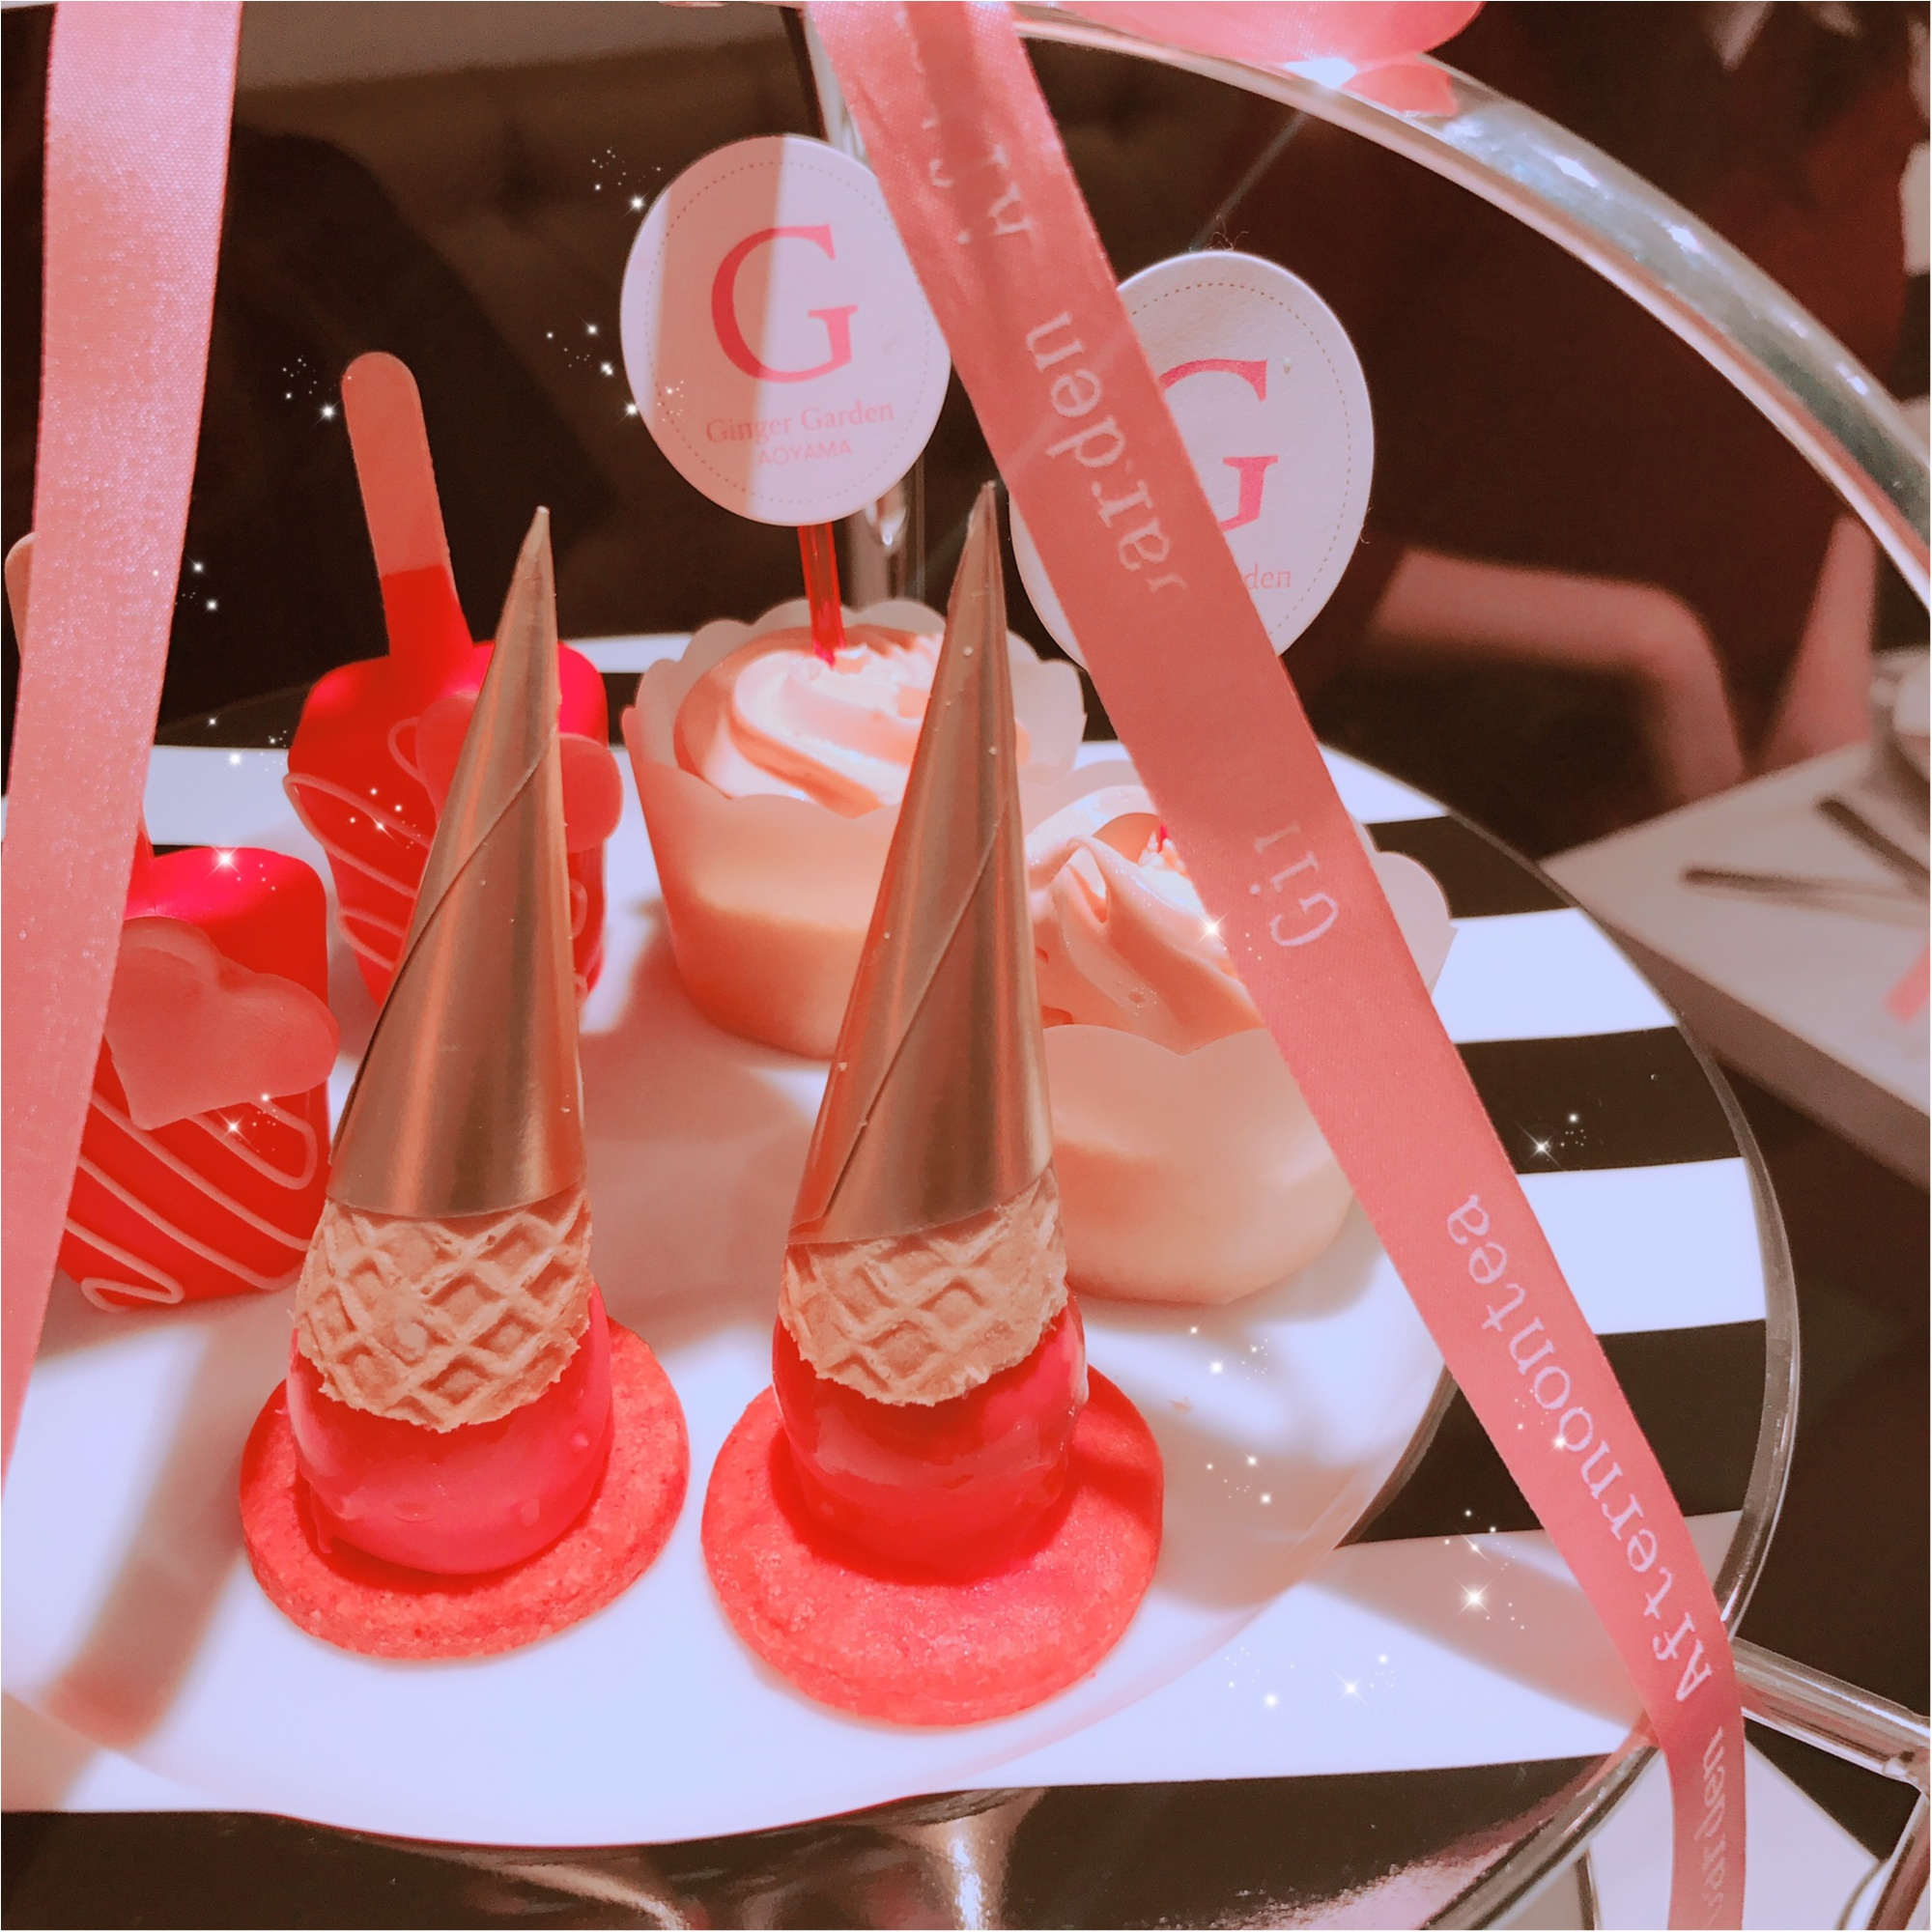 土日祝限定!完全予約制、ジンジャーガーデン青山のピンクアフタヌーンティーが可愛すぎる!_6